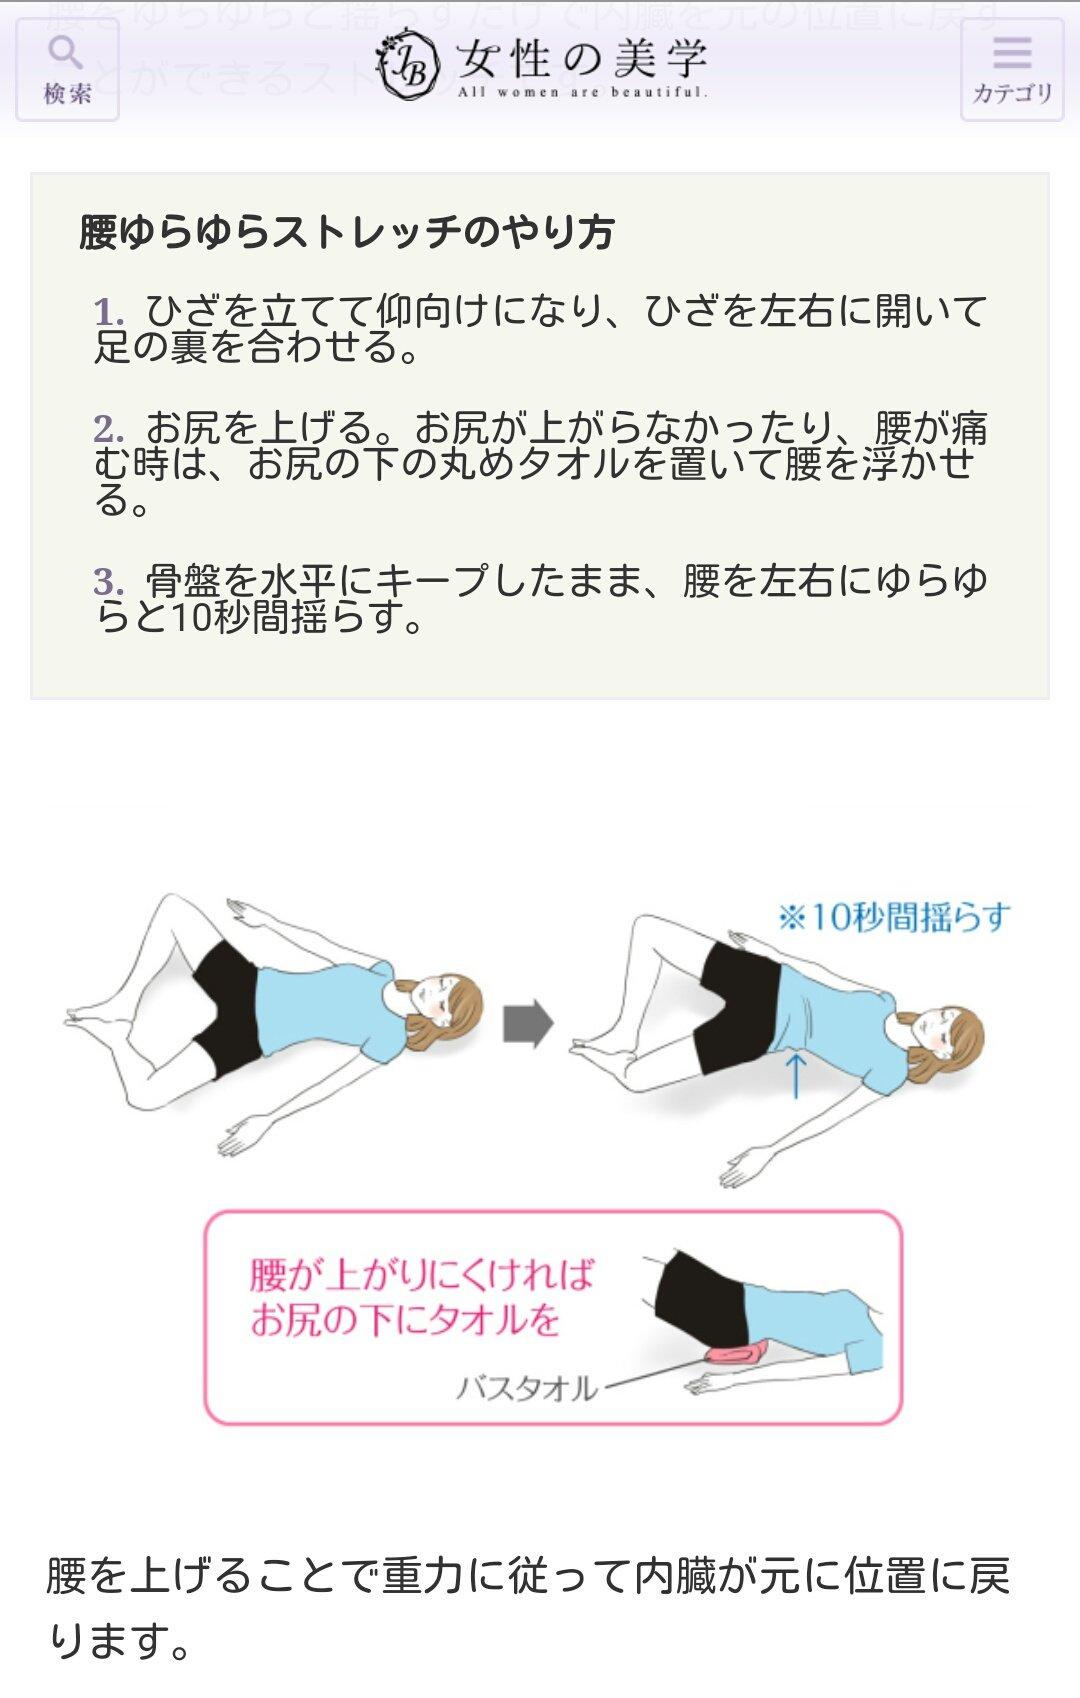 下垂 改善 内臓